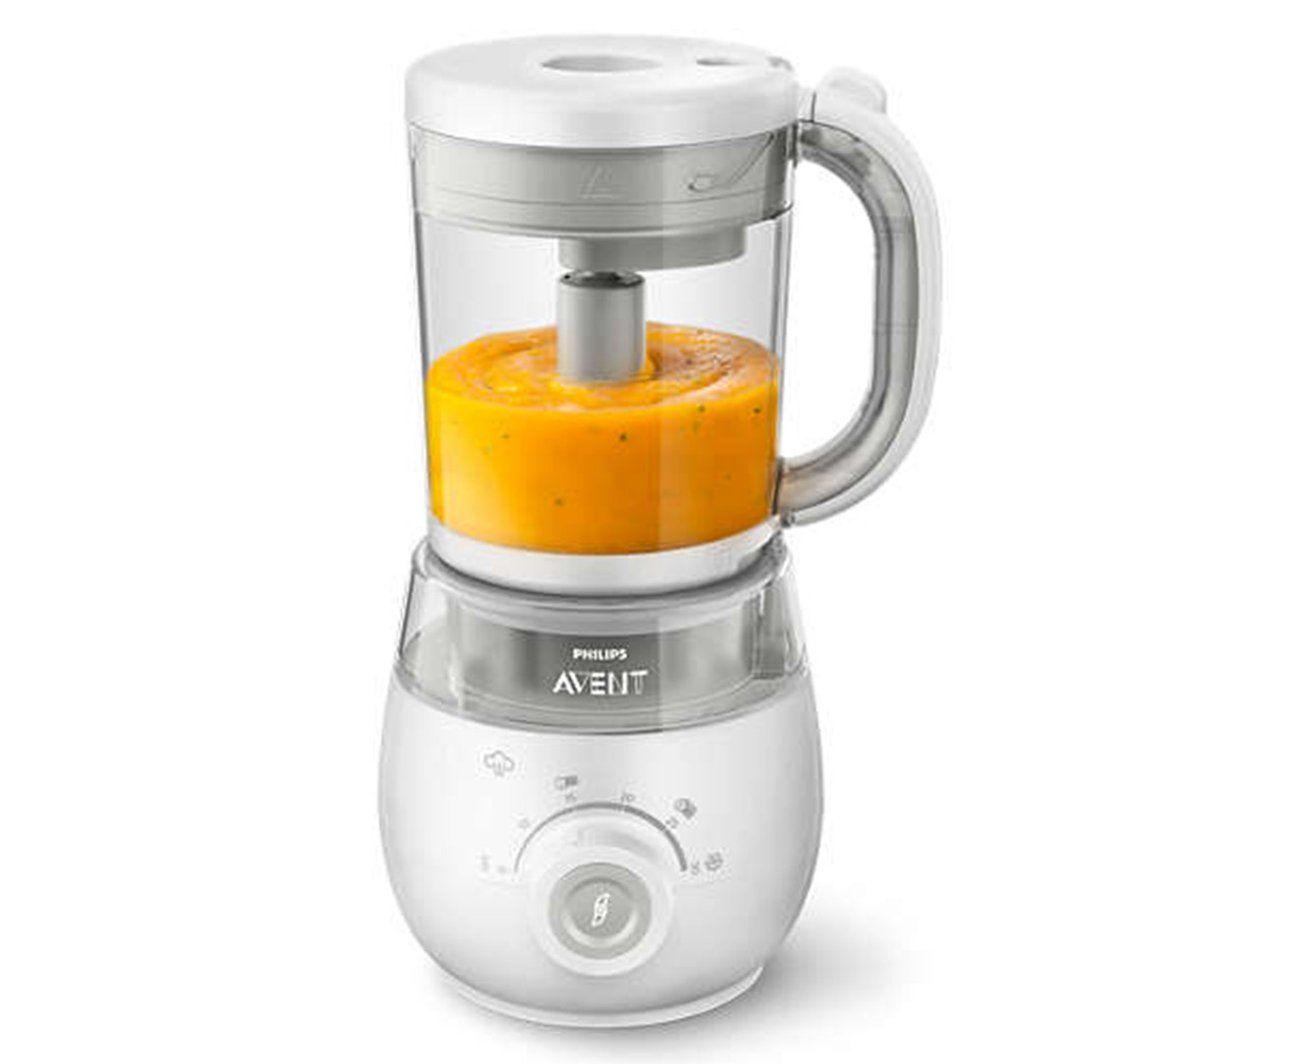 Philips Avent Babyfood Steamer and Blender